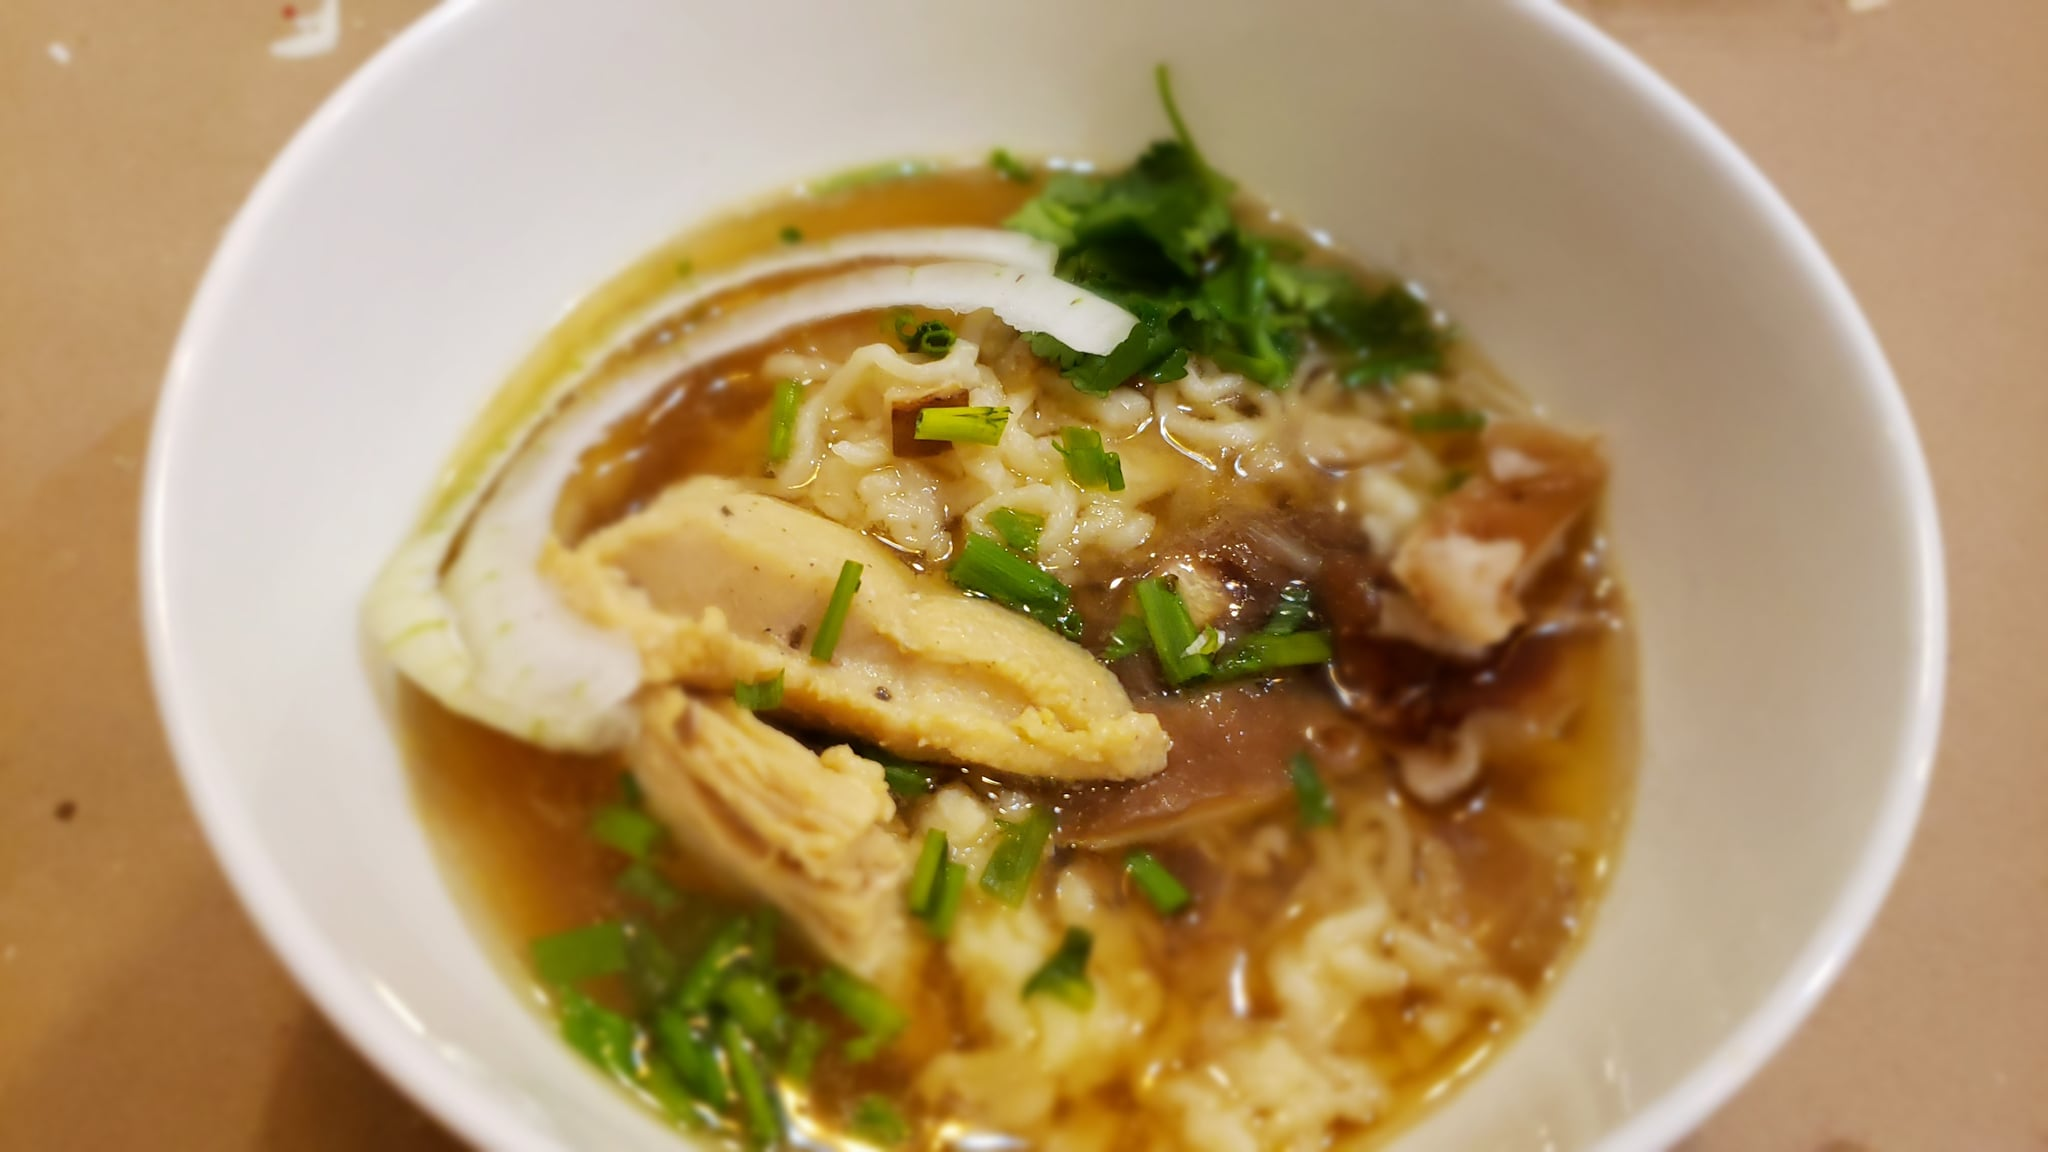 A delicious bowl of Ramen